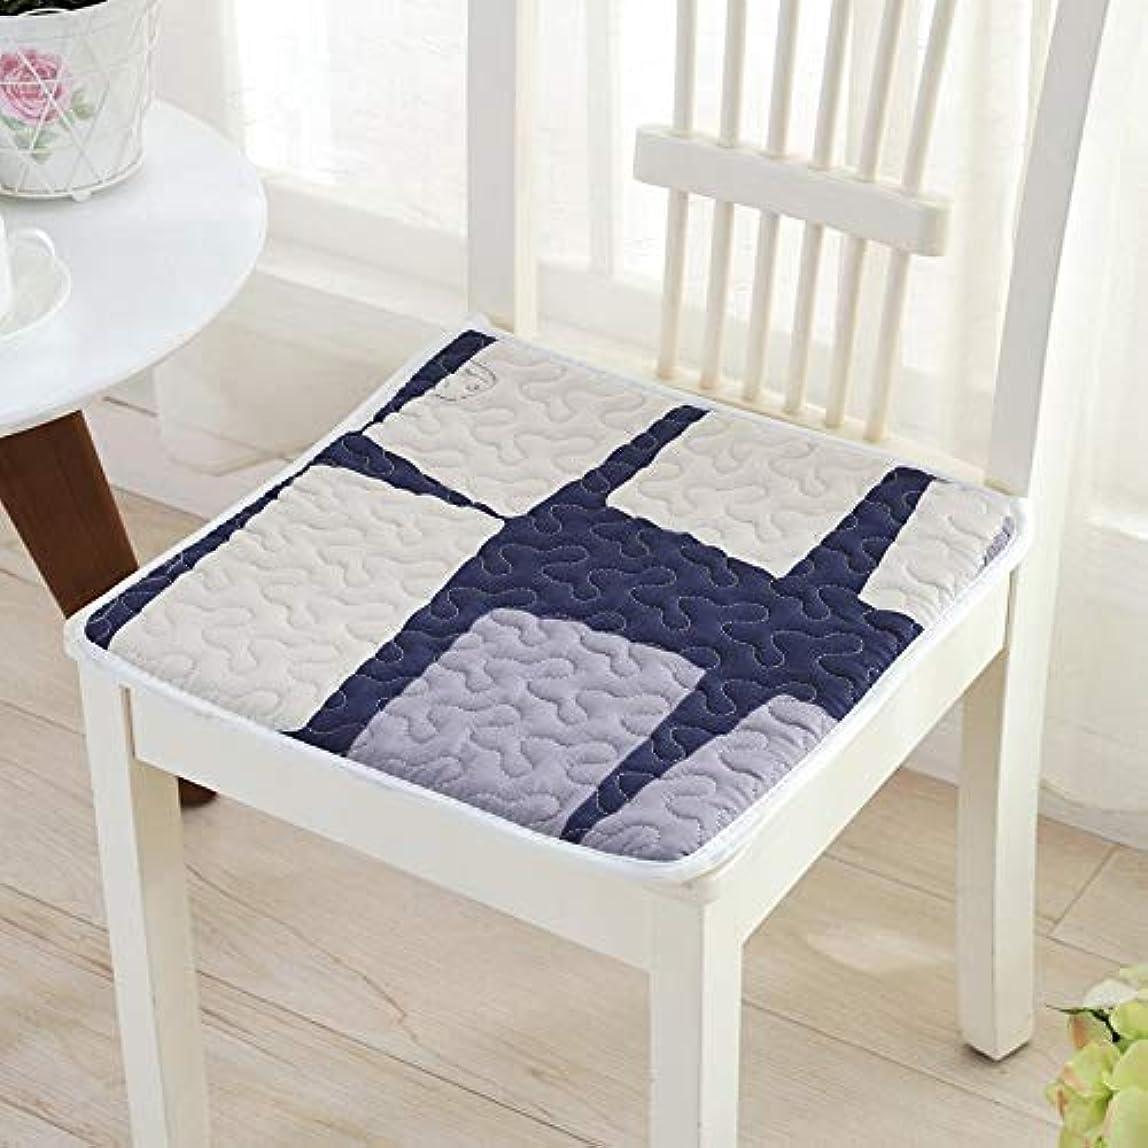 限りなくオーバーコート診療所LIFE 現代スーパーソフト椅子クッション非スリップシートクッションマットソファホームデコレーションバッククッションチェアパッド 40*40/45*45/50*50 センチメートル クッション 椅子